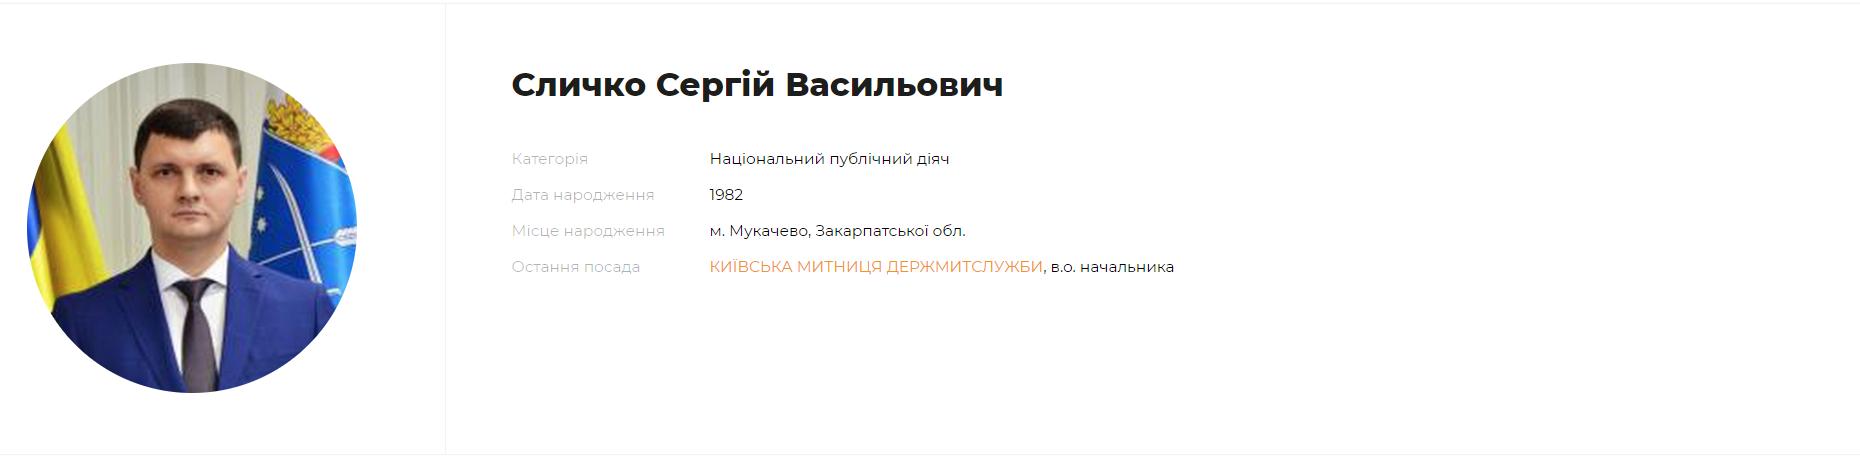 Исполняющего обязанности Киевской таможни Сергея Сличко поймали на контрабанде ювелирных весов